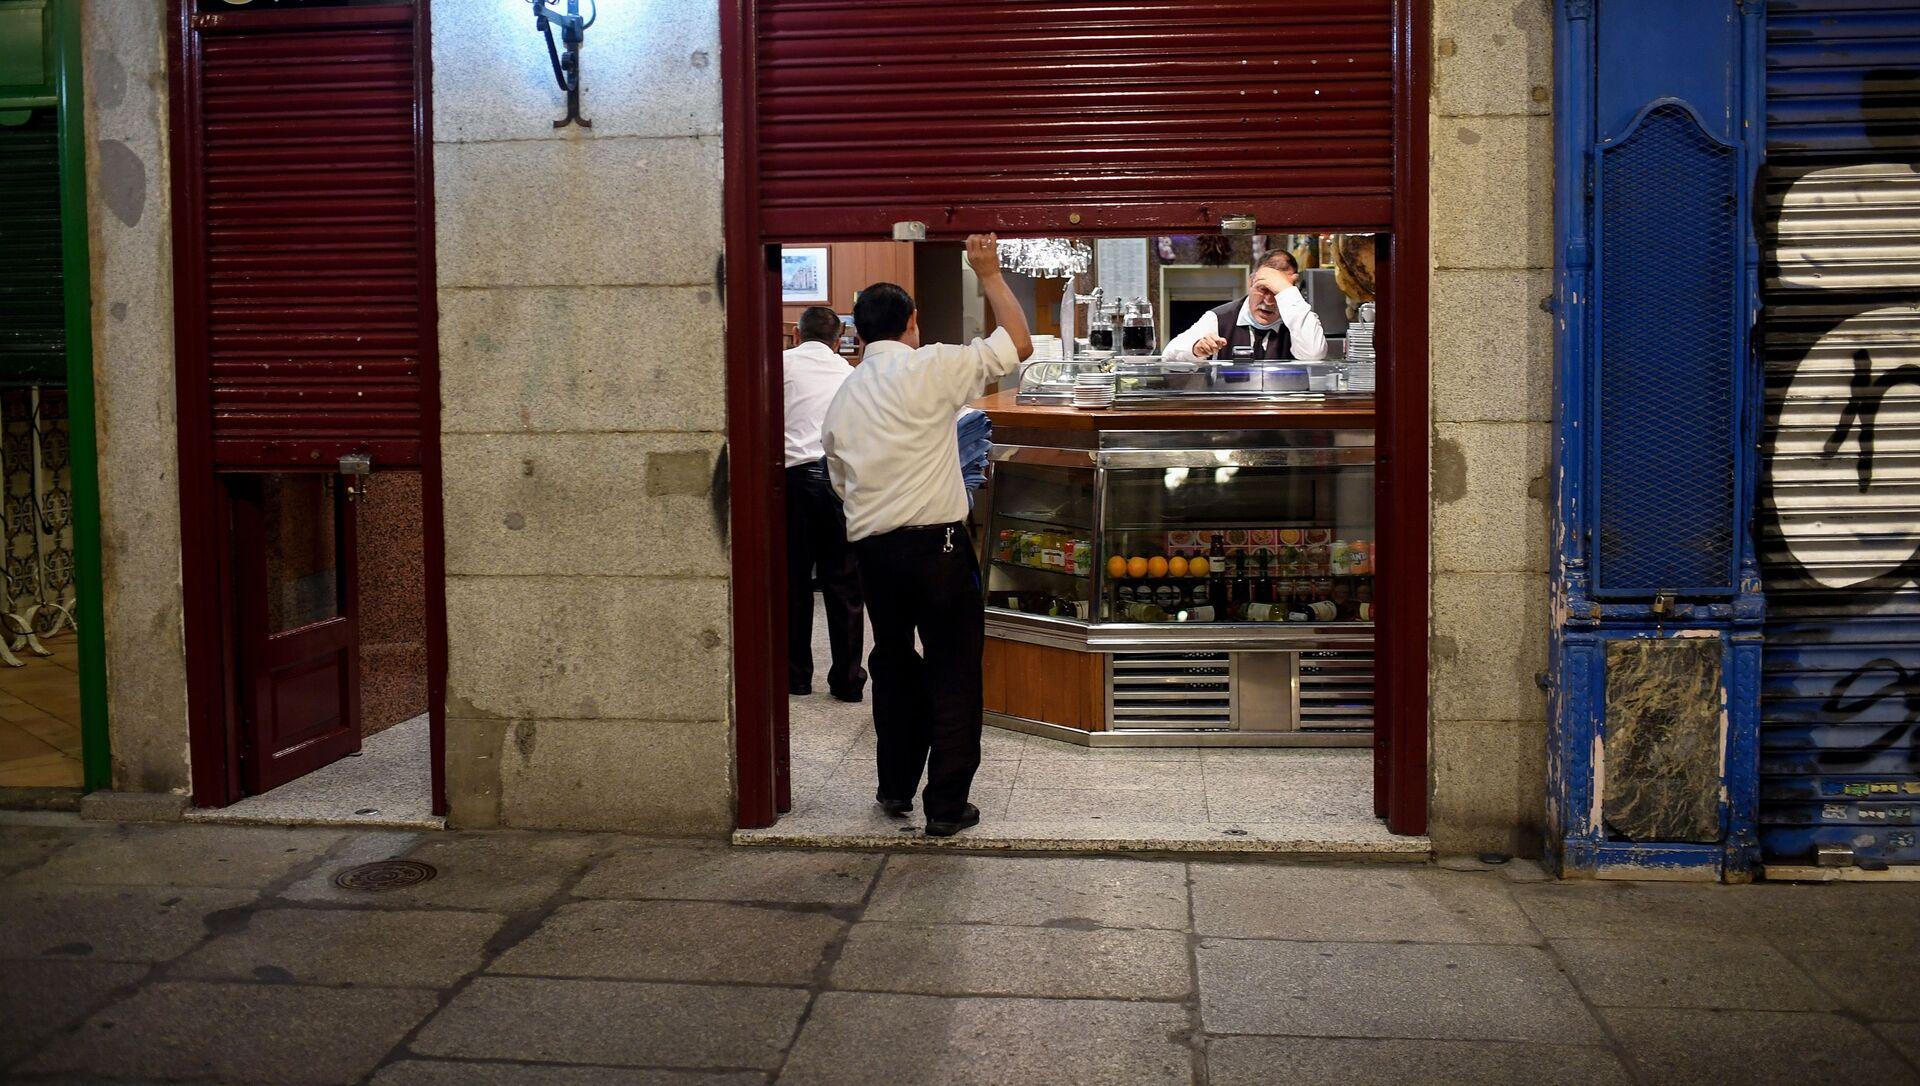 Empleados de un bar se preparan para cerrar en la Plaza Mayor de Madrid - Sputnik Mundo, 1920, 04.11.2020